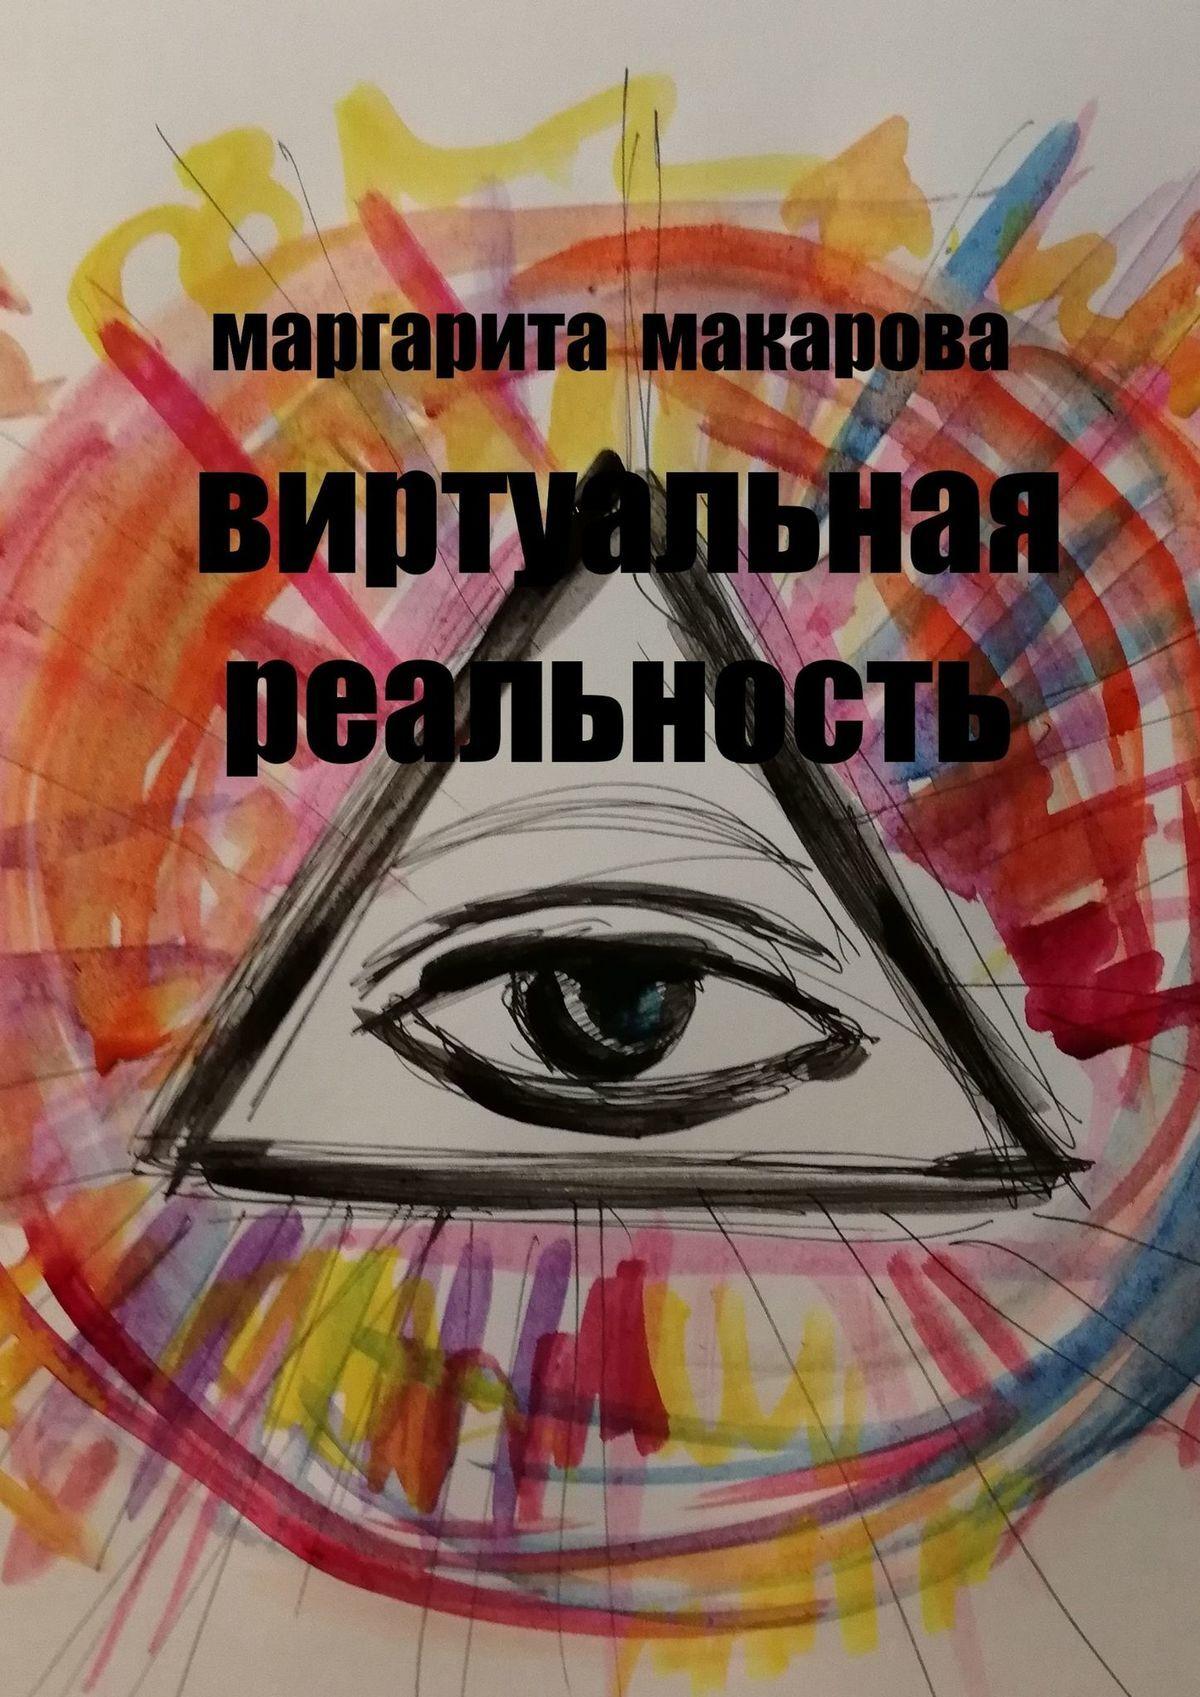 Маргарита Макарова Виртуальная реальность. Стихи татьяна детцель и снова о любви стихи